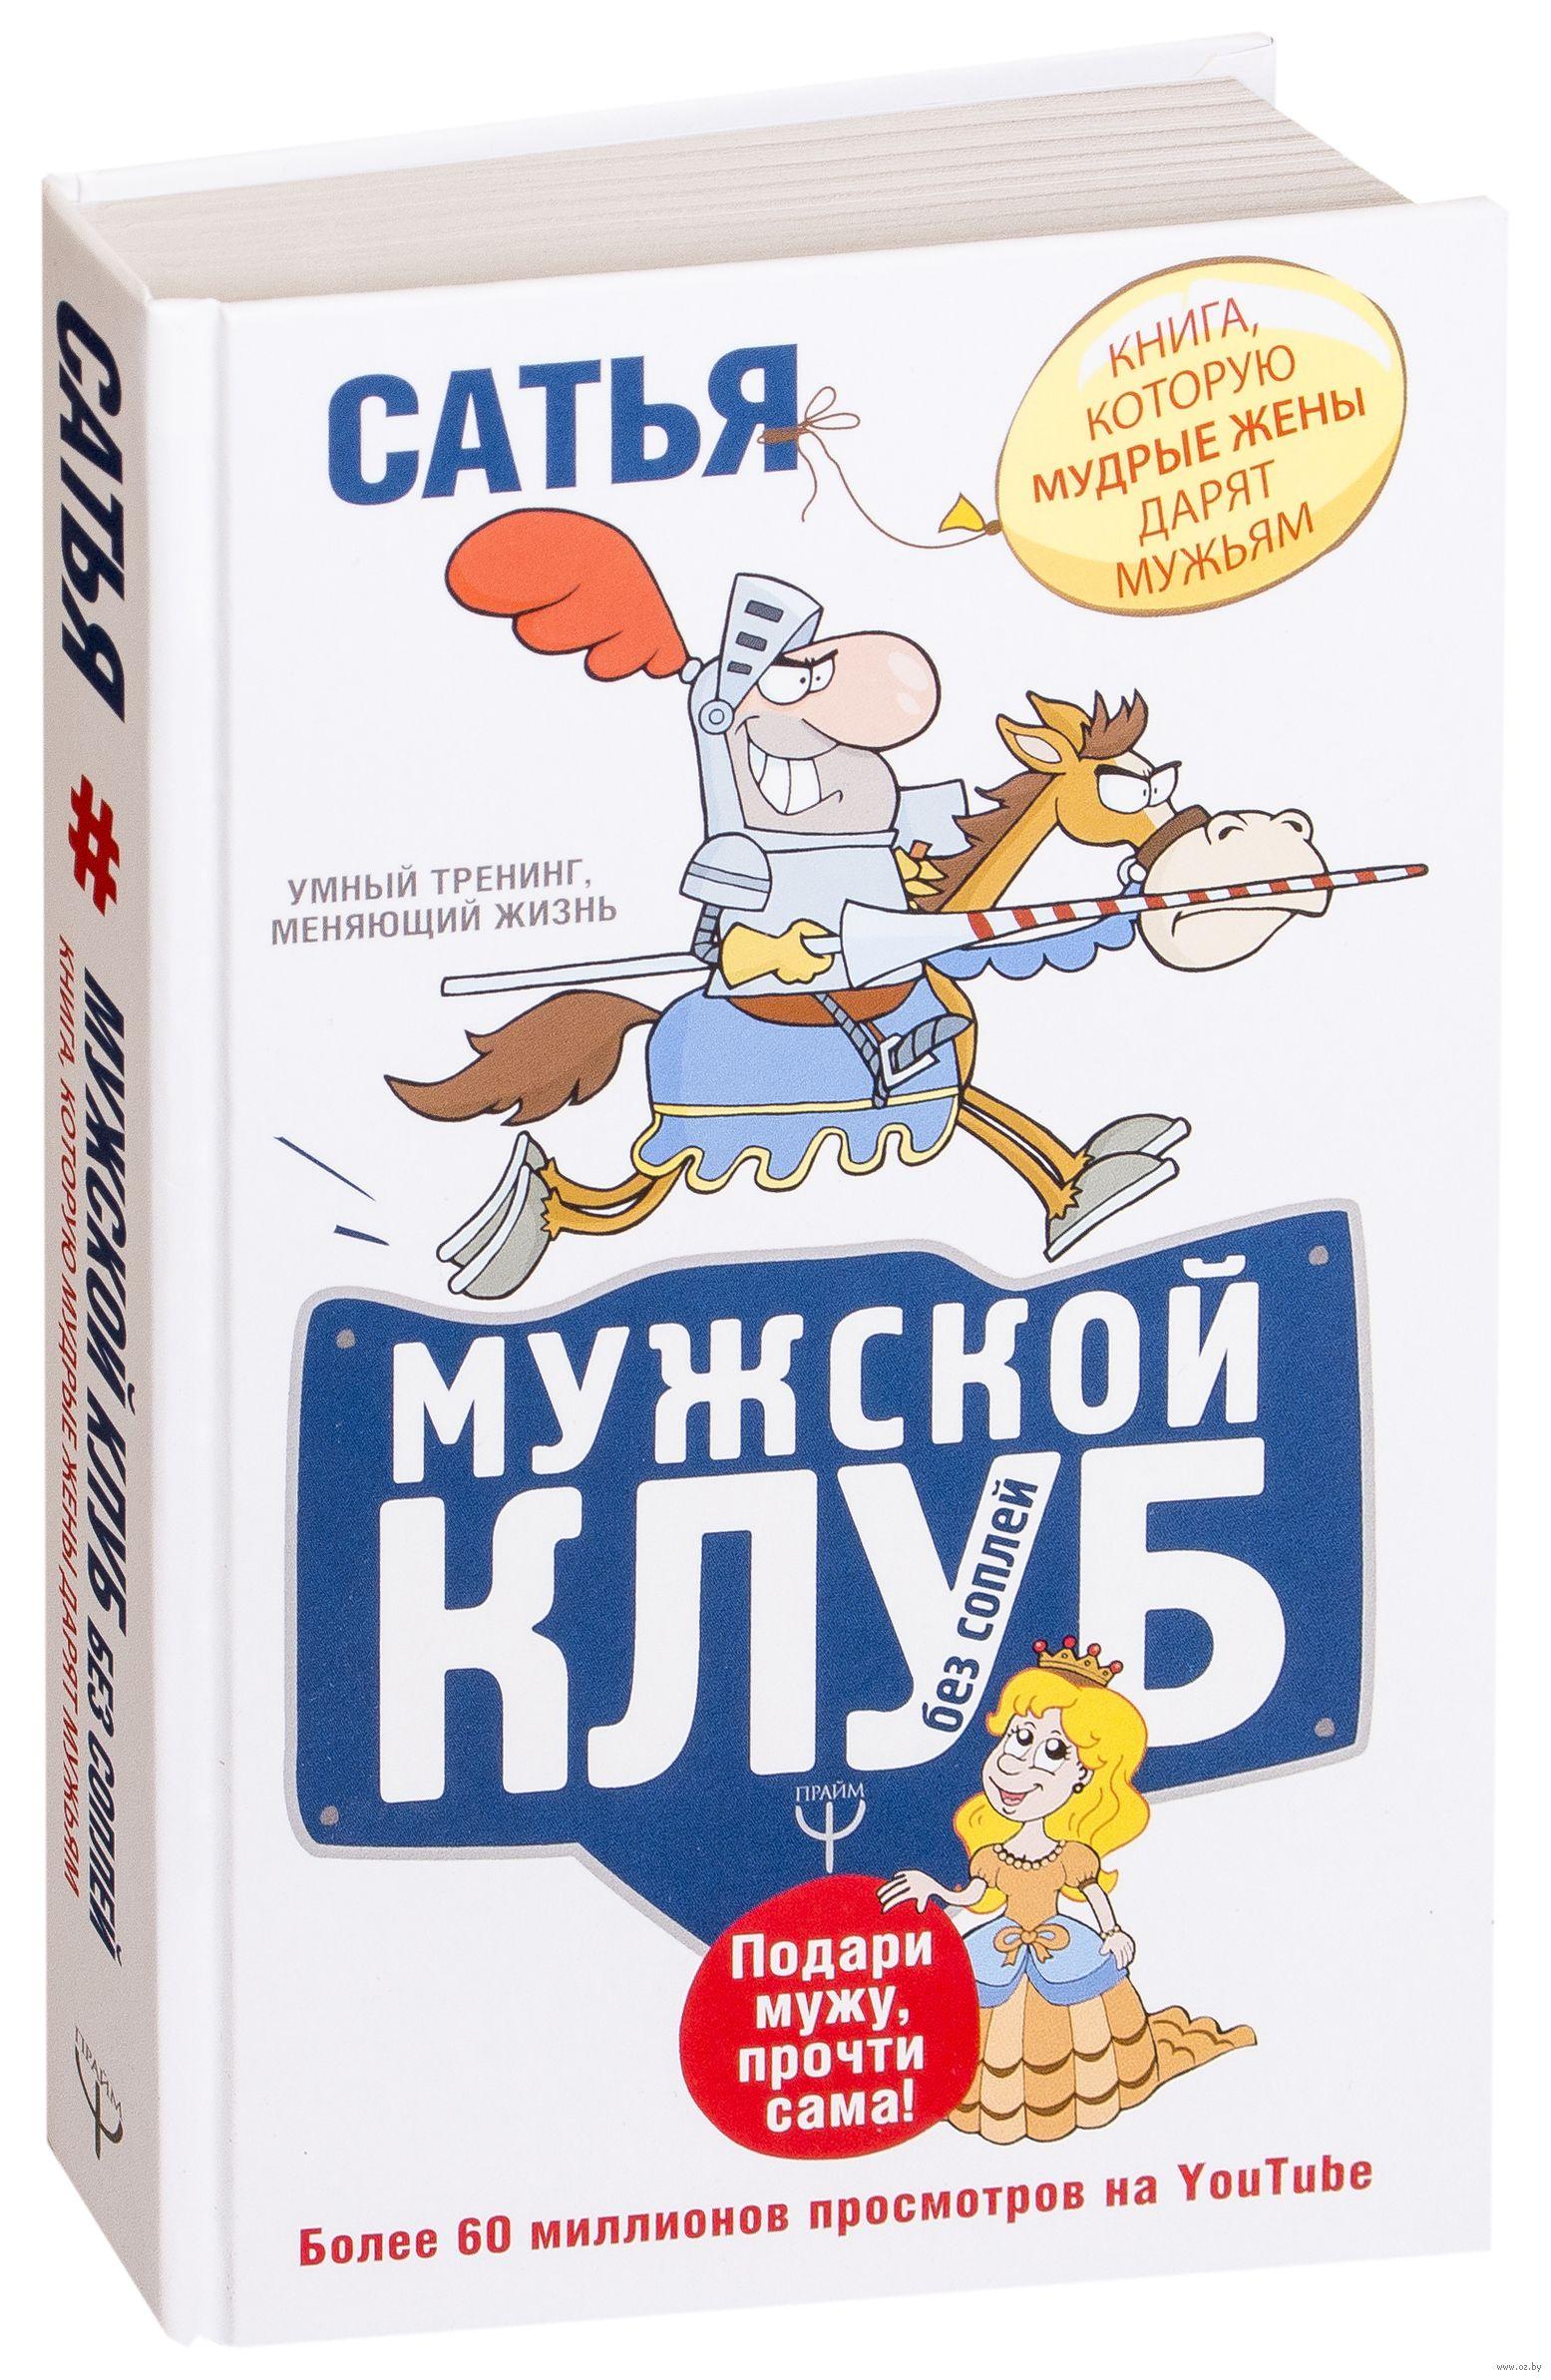 Сатья дас книга мужской клуб жен волейбольный клуб динамо москва